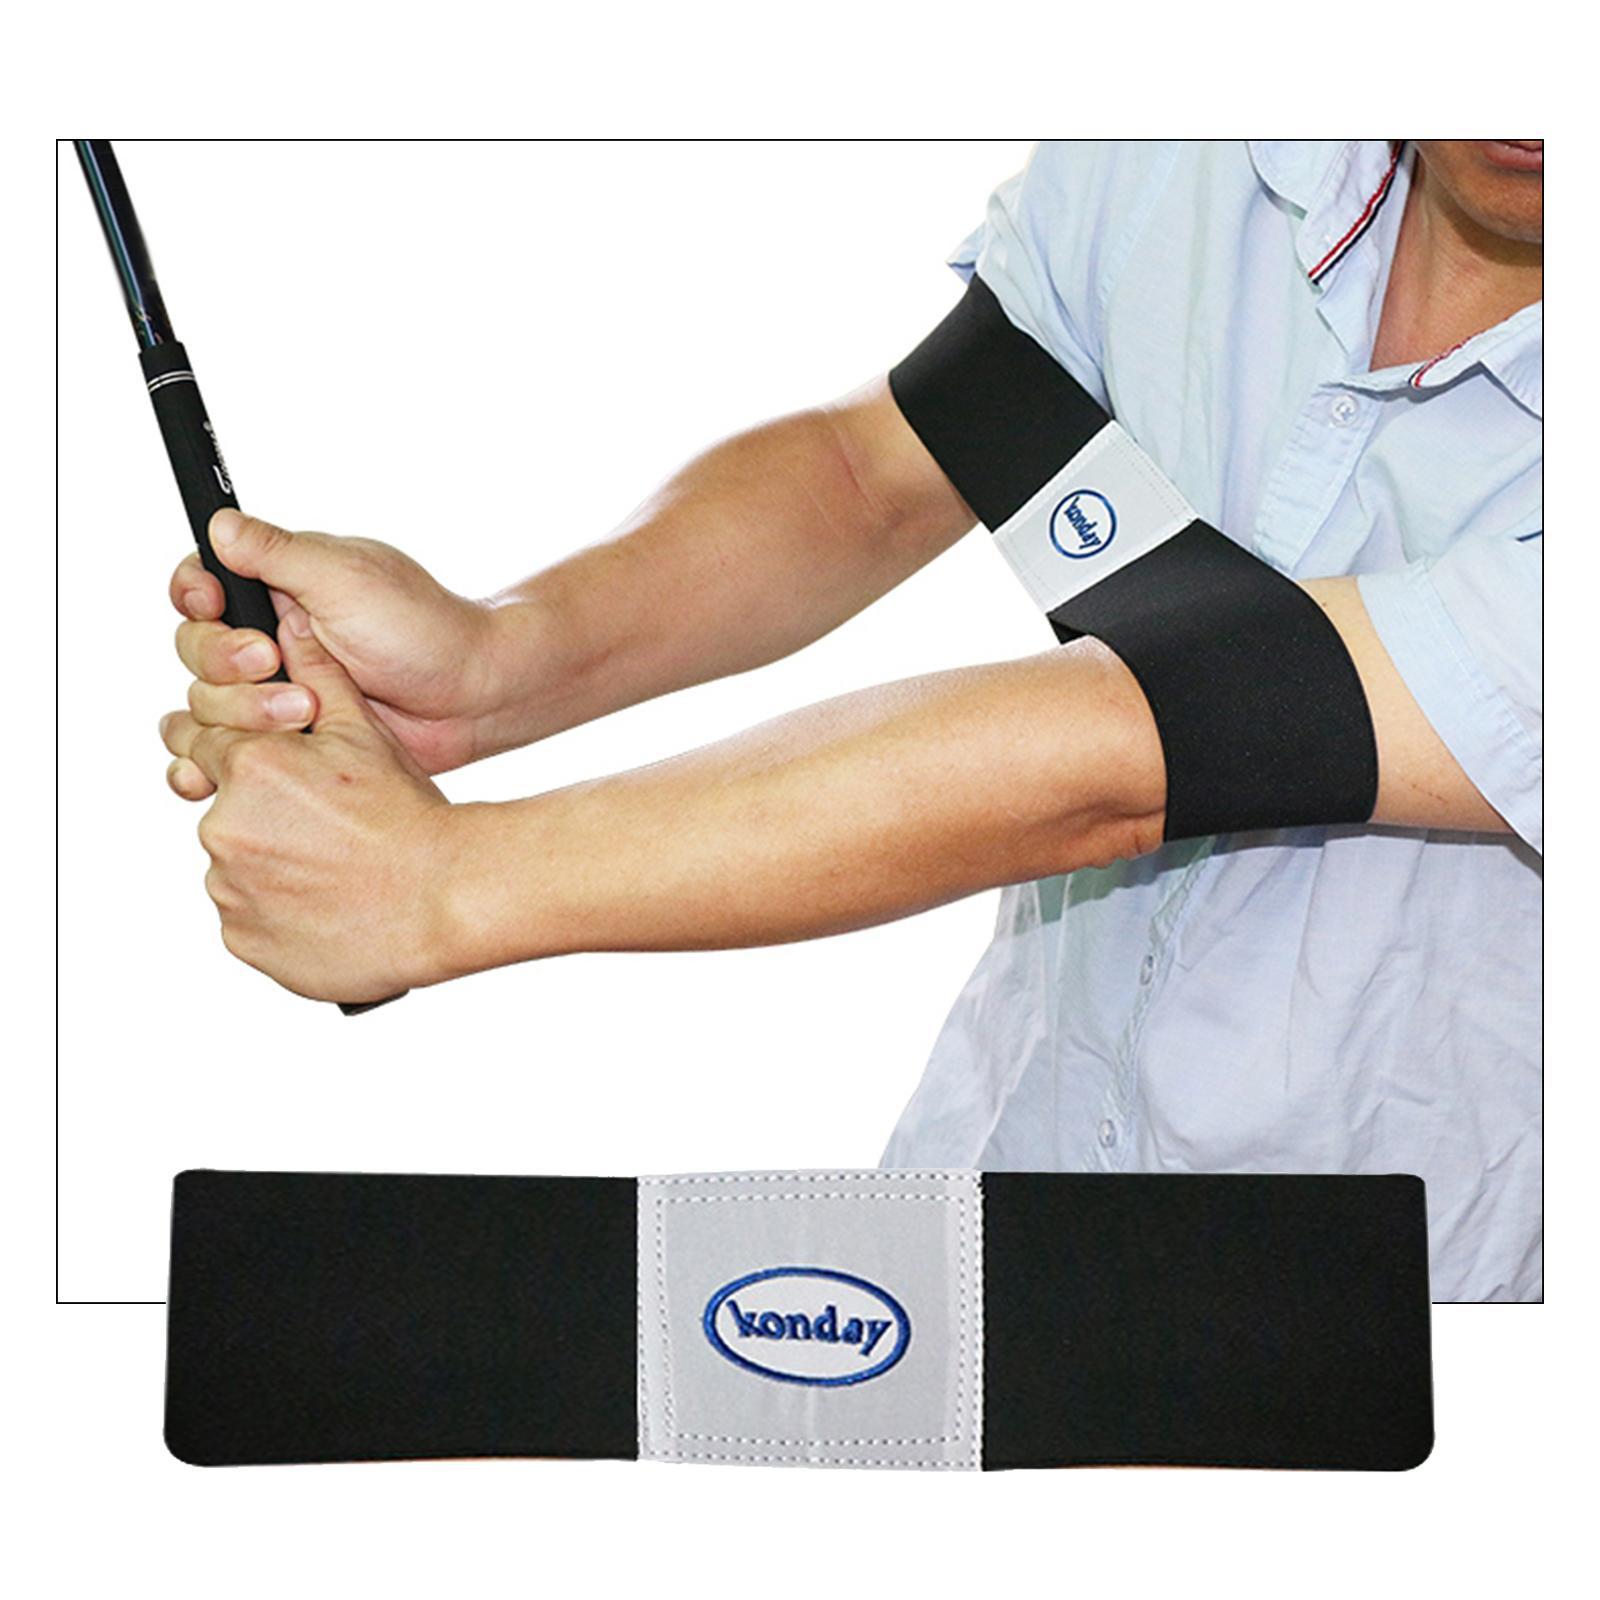 Golf Swing Trainer Golf English Ground Training Aid Motion Positure Коррекция ремень для гольфа Научанский качатель тренера исправляющий инструмент Унисекс